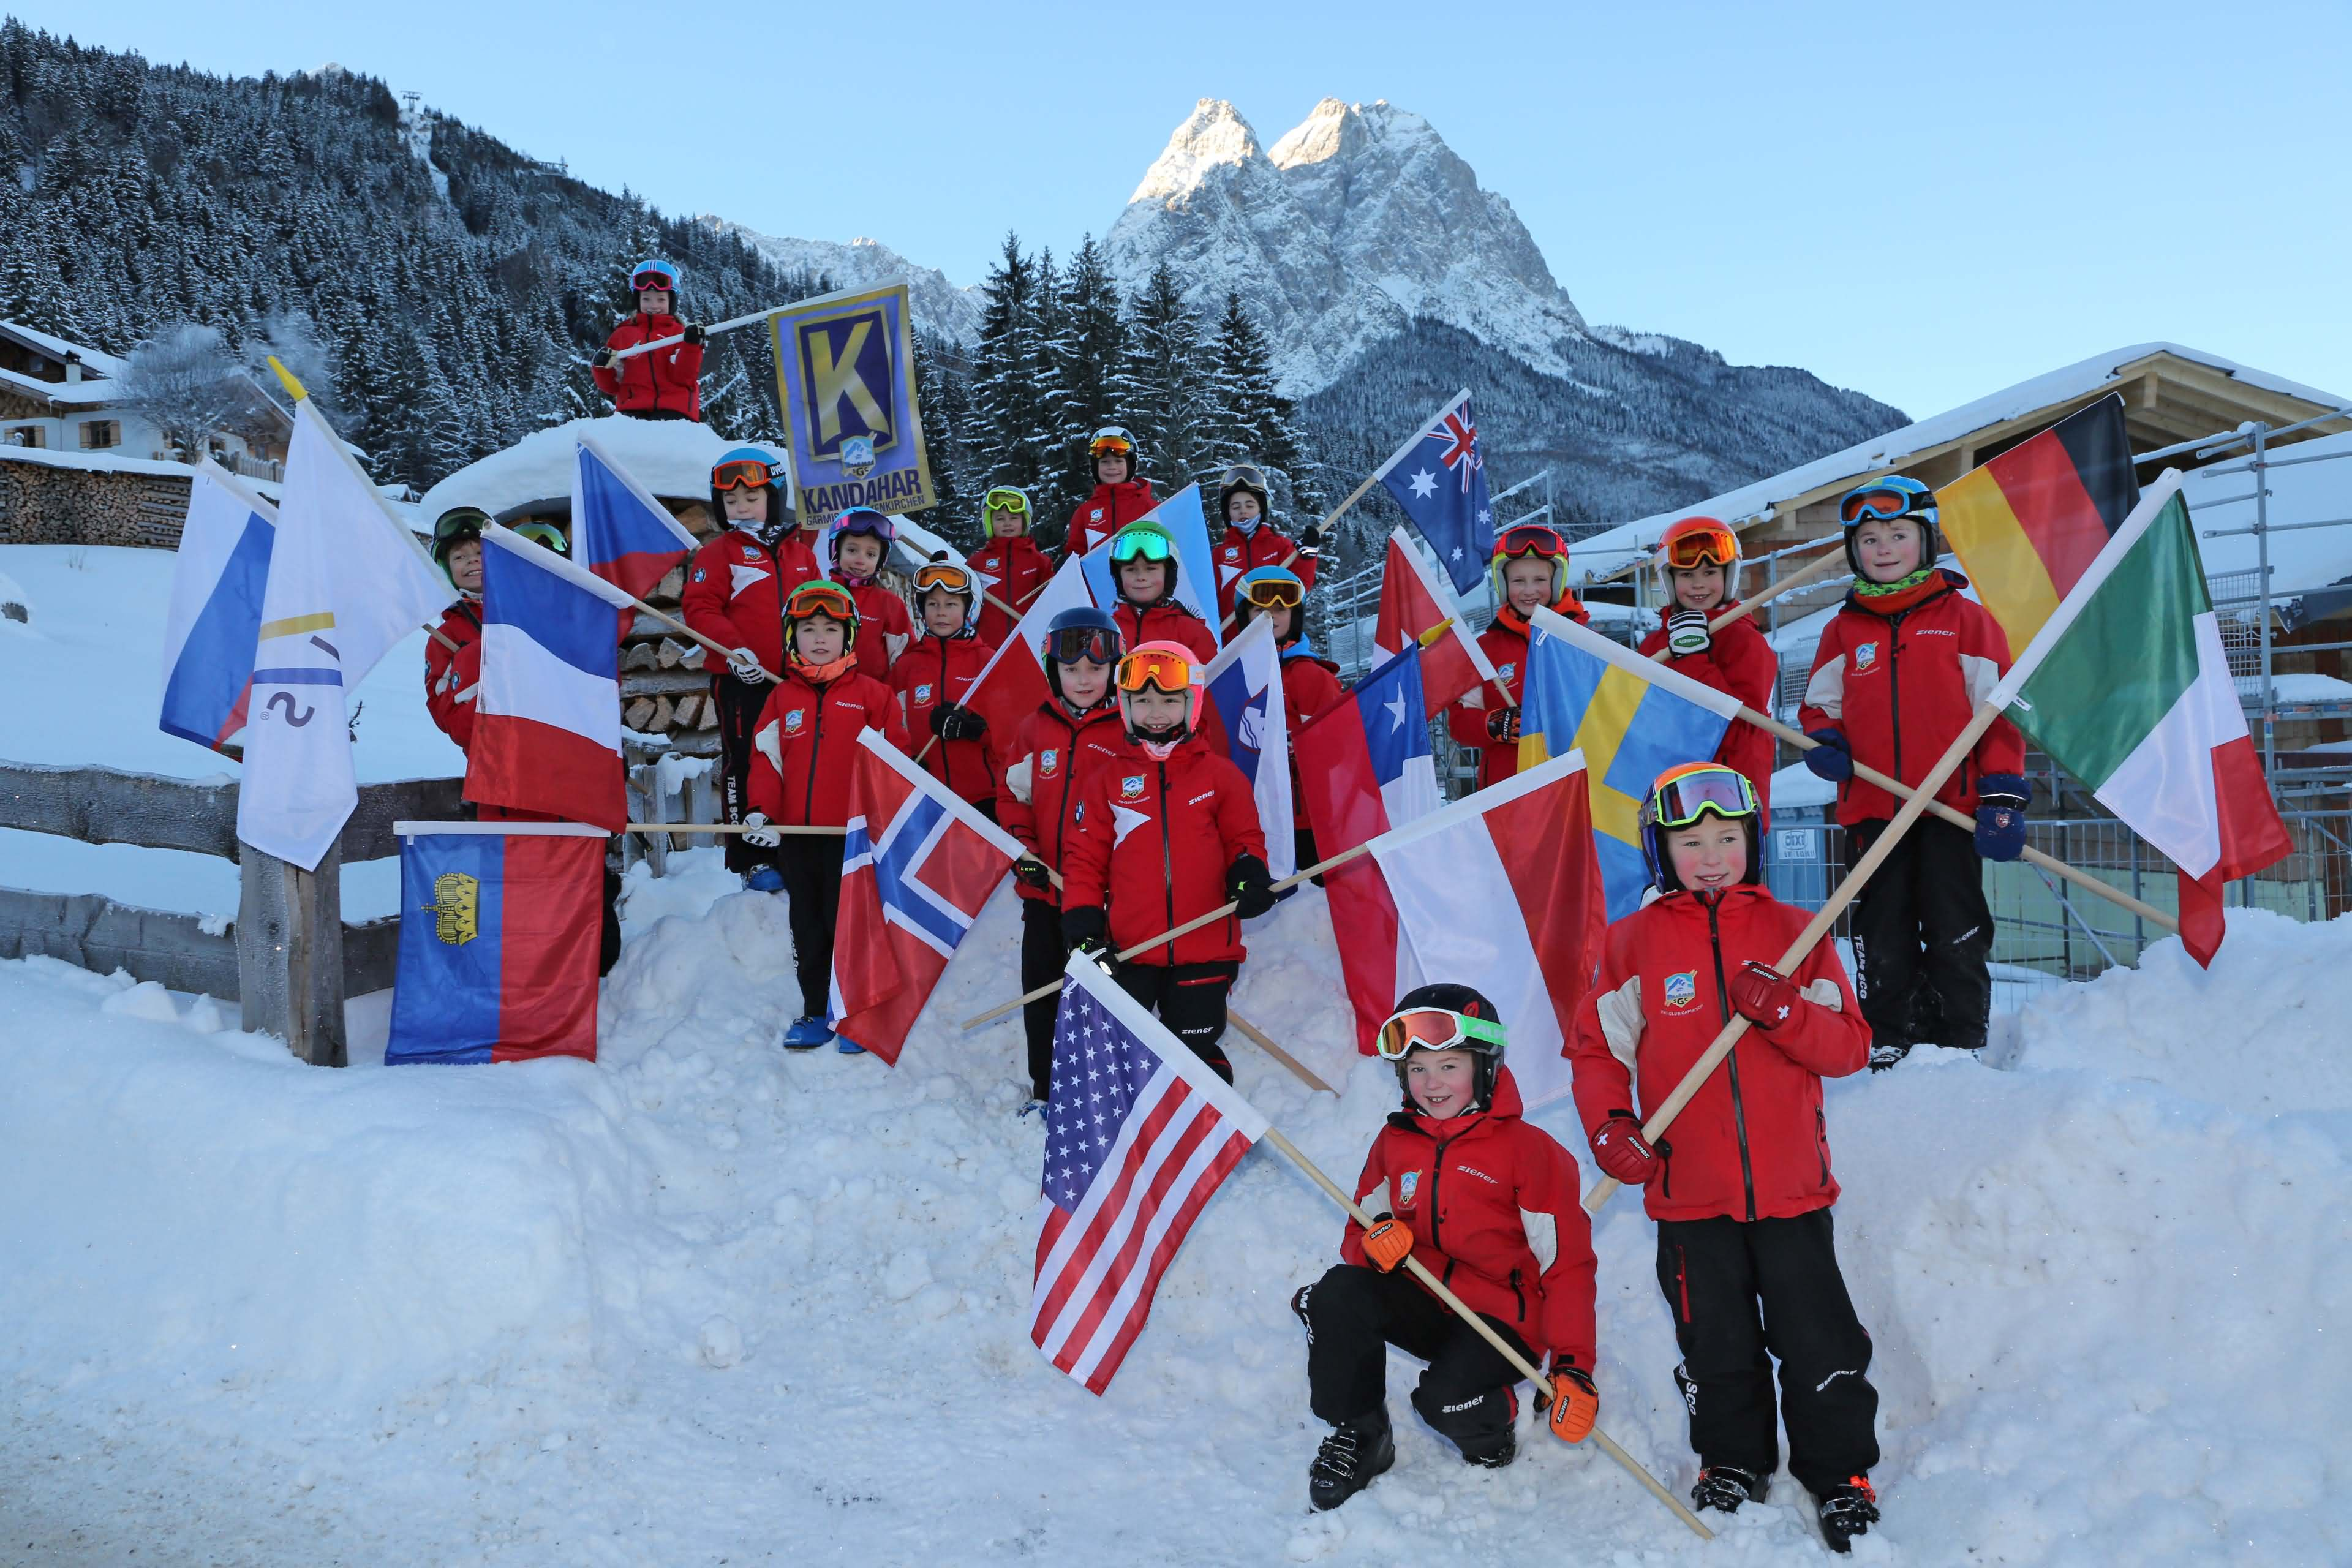 GARMISCH PARTENKIRCHEN WORLD CUP NATIONS FLAGS